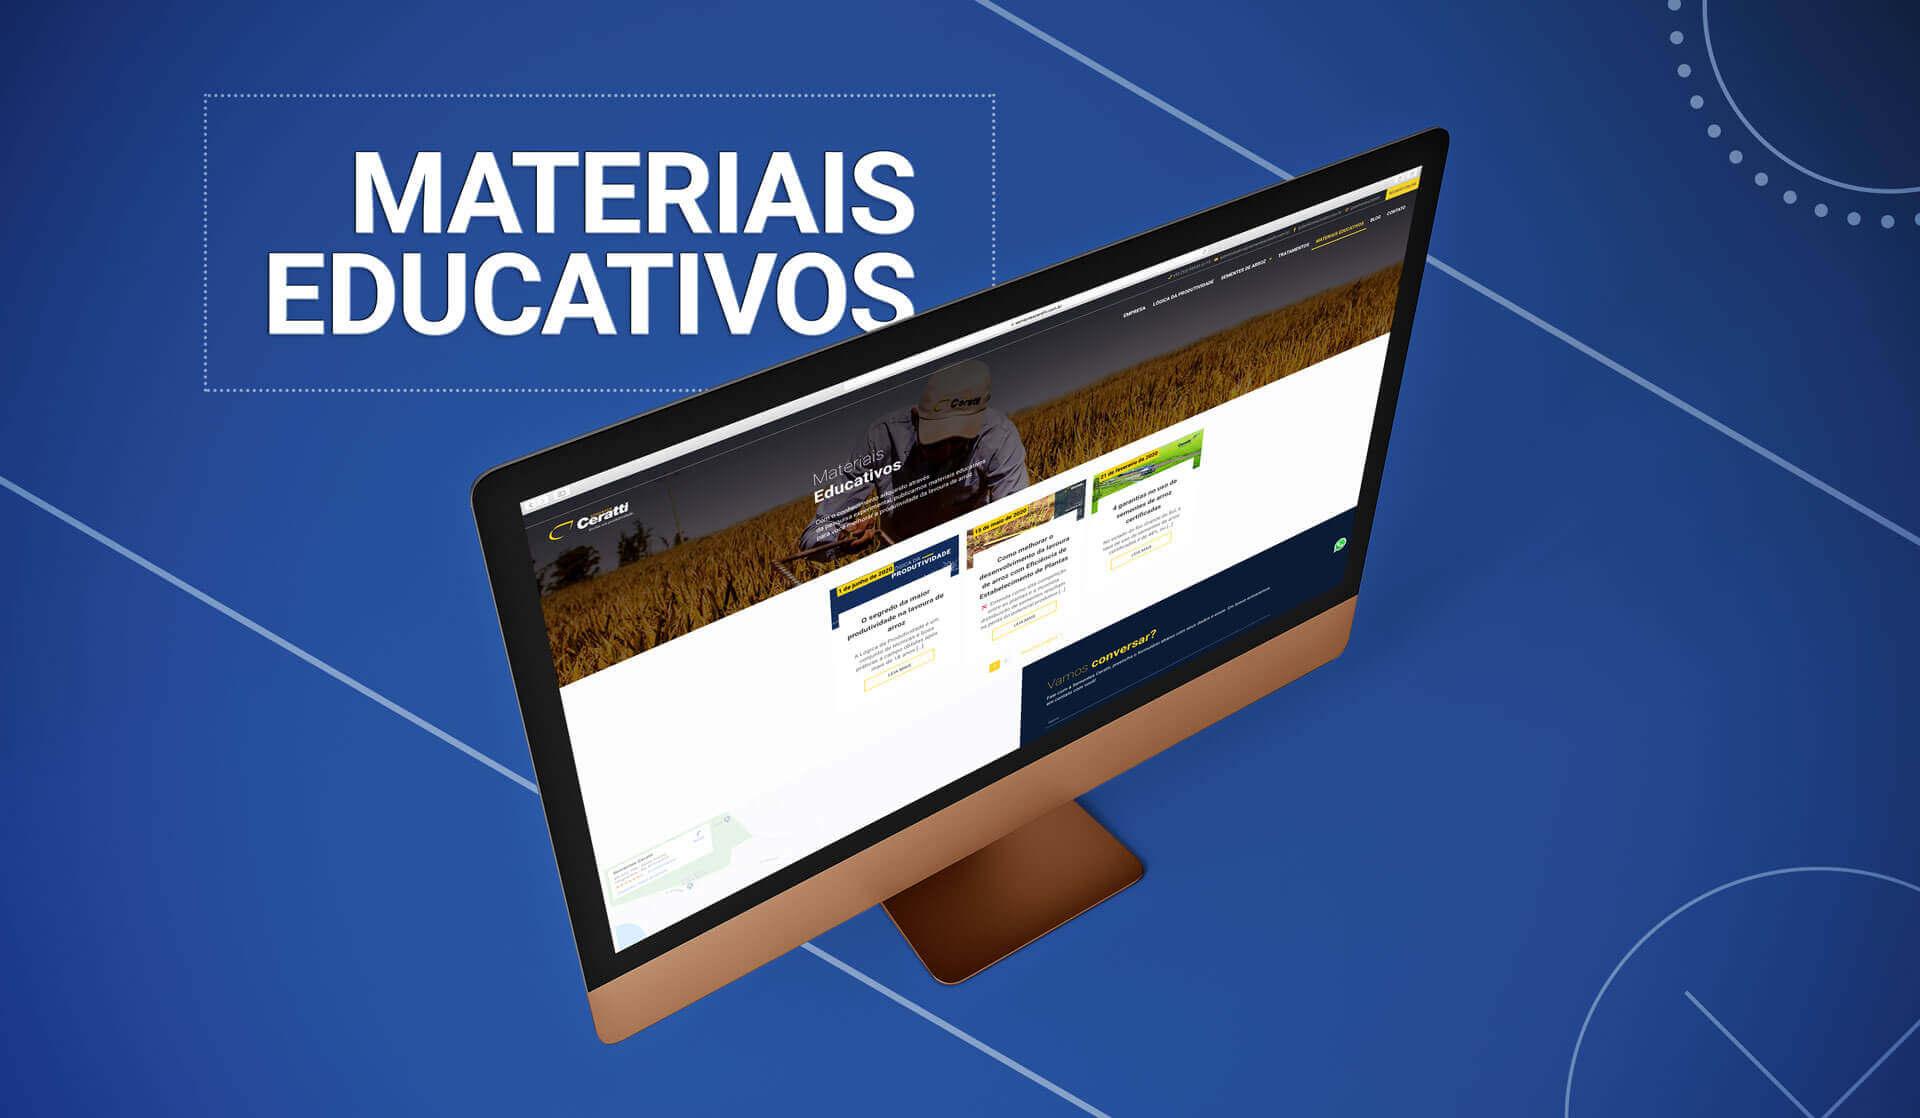 materiais educativos sementes ceratti bedez comunicação agencia de publicidade porto alegre